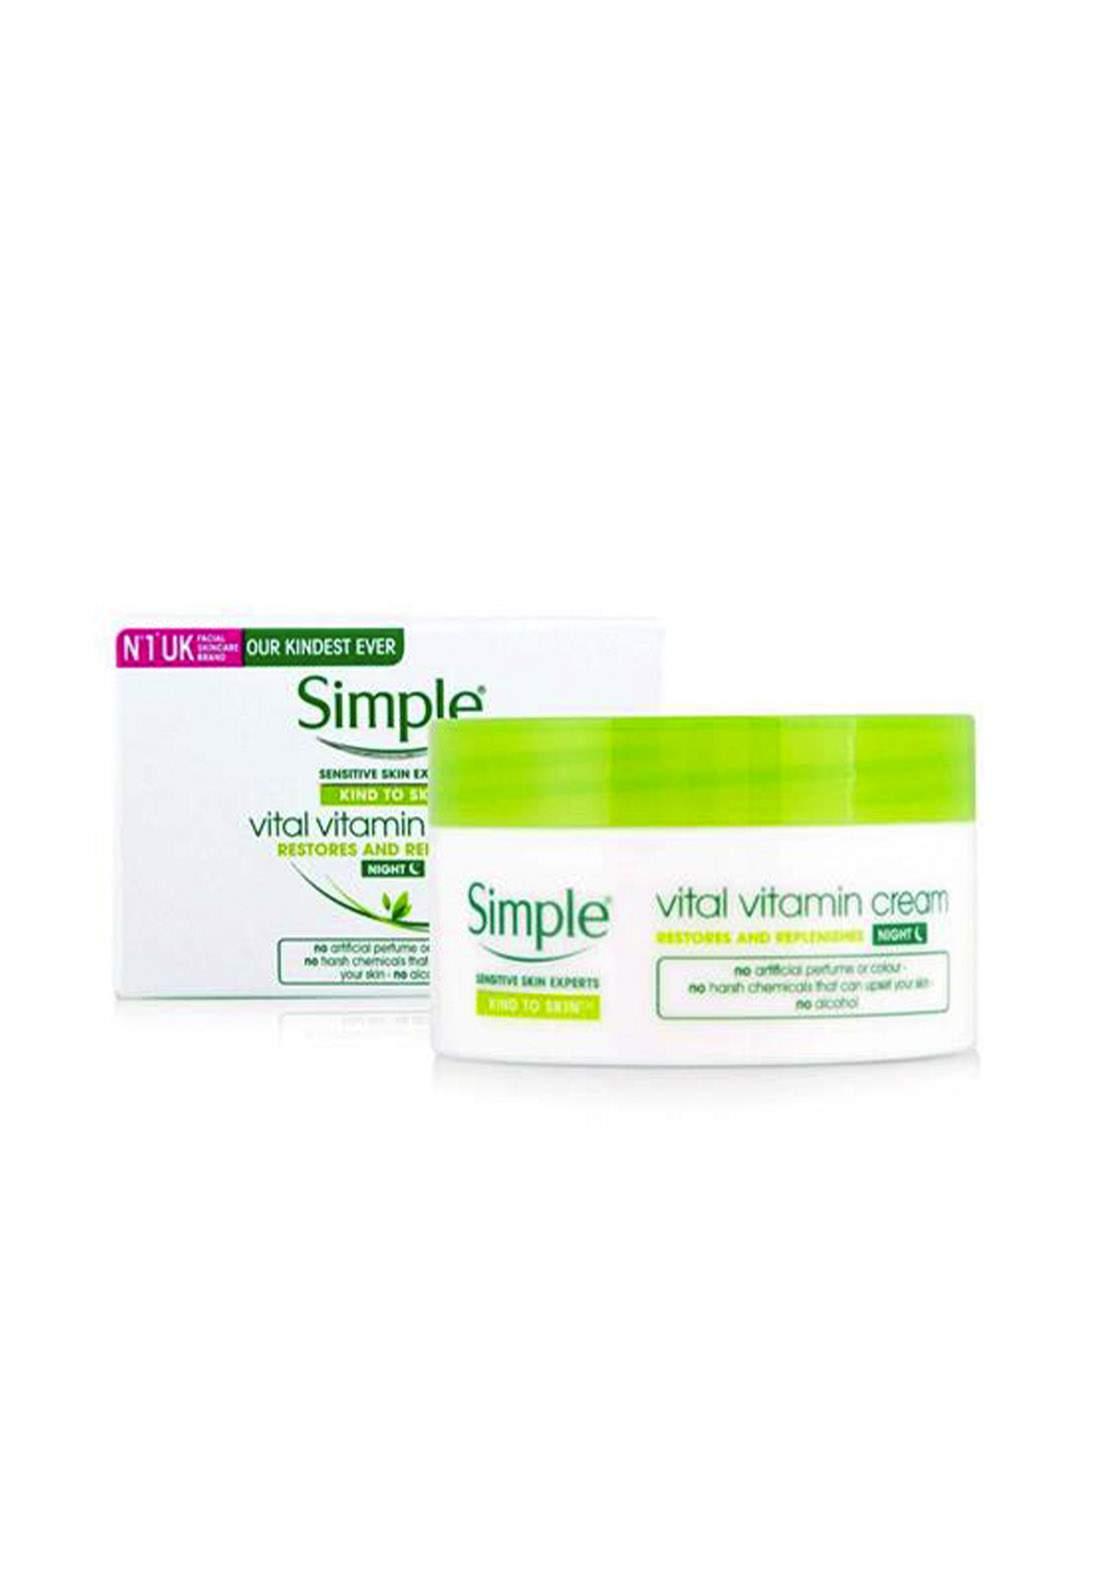 Simple (0337khlb)  Vital Vitamin Night Cream 50ml كريم ليلي